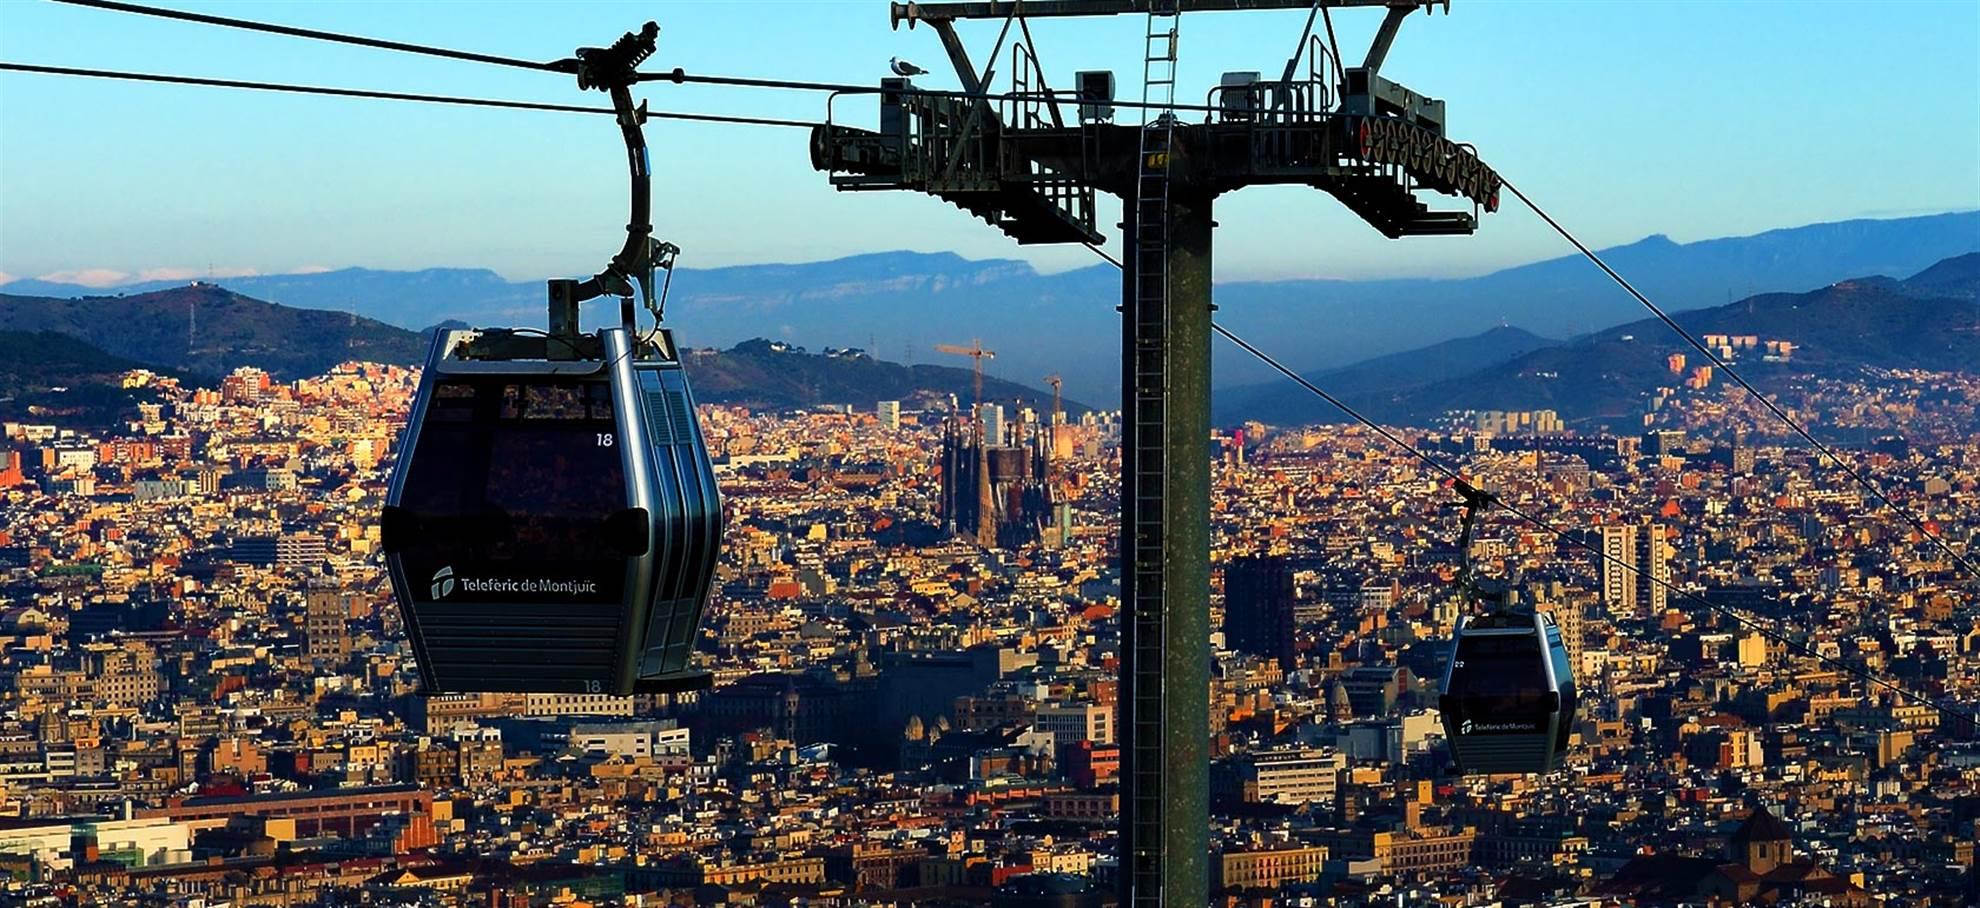 Teleférico Barcelona - Teleferic de Montjuïc